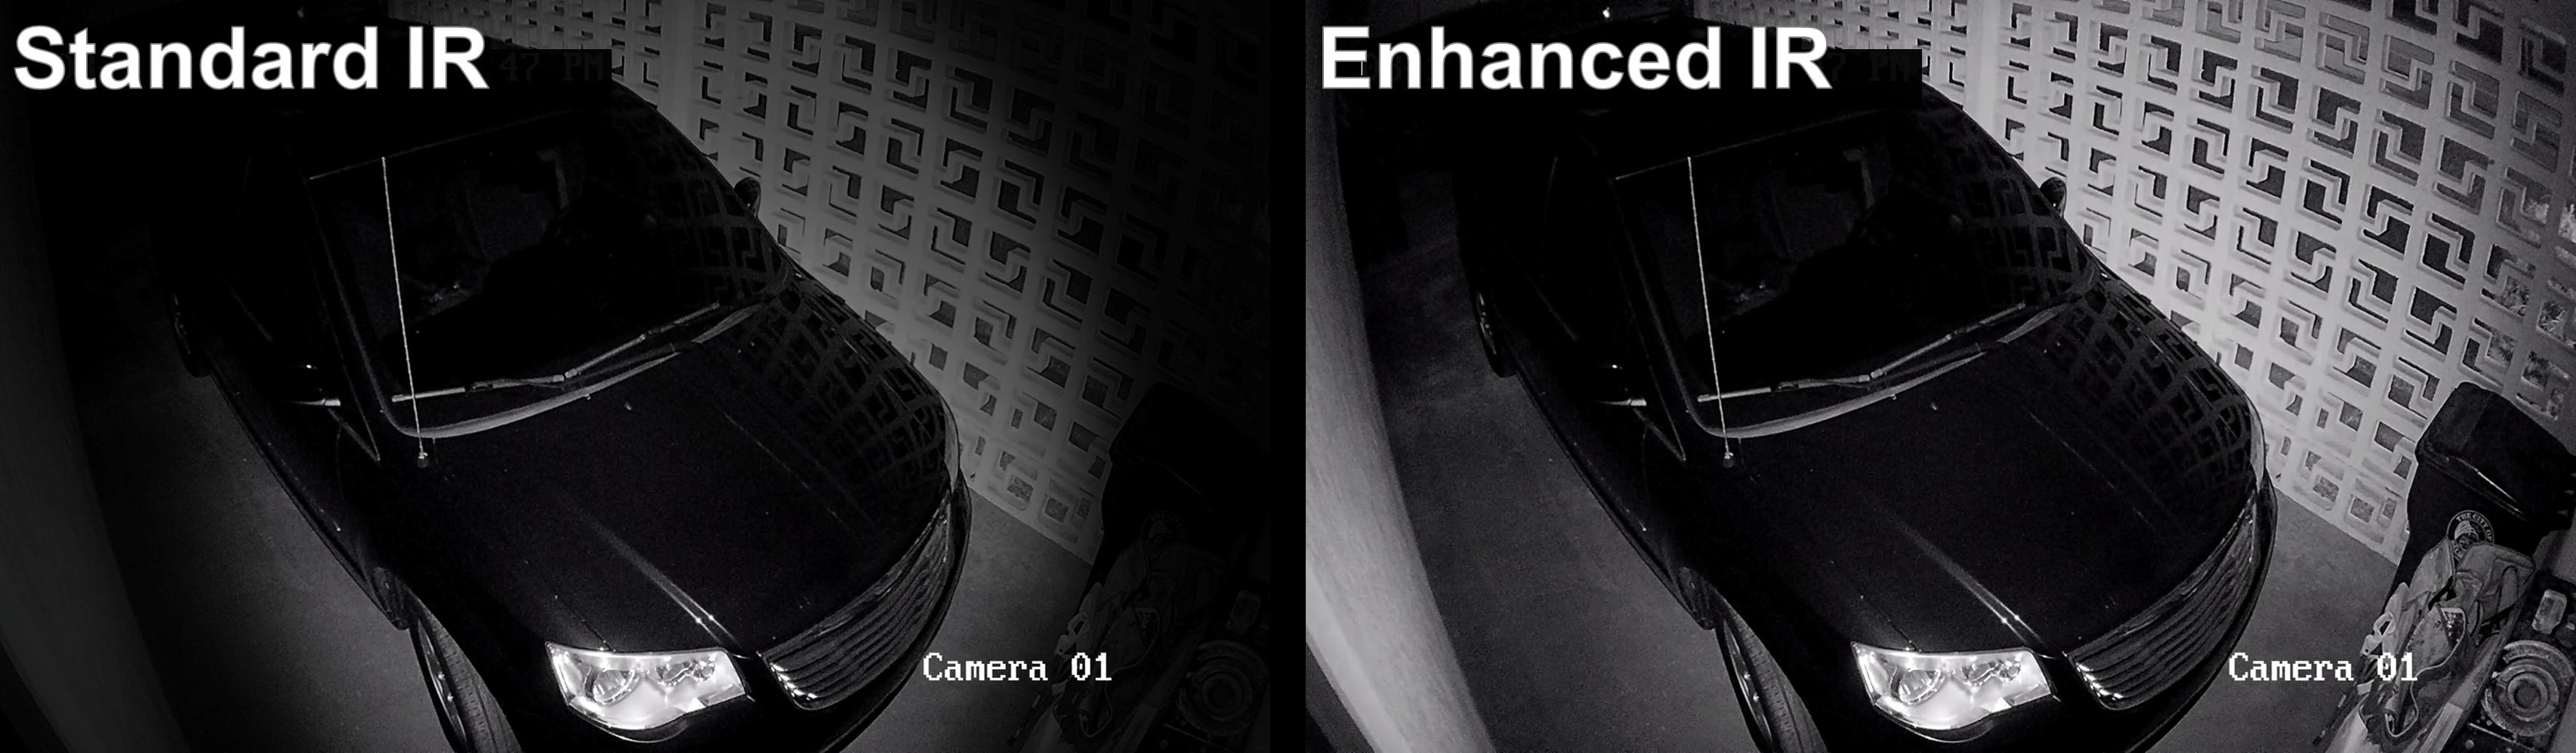 Camera Enhanced IR Comparison (Garage)